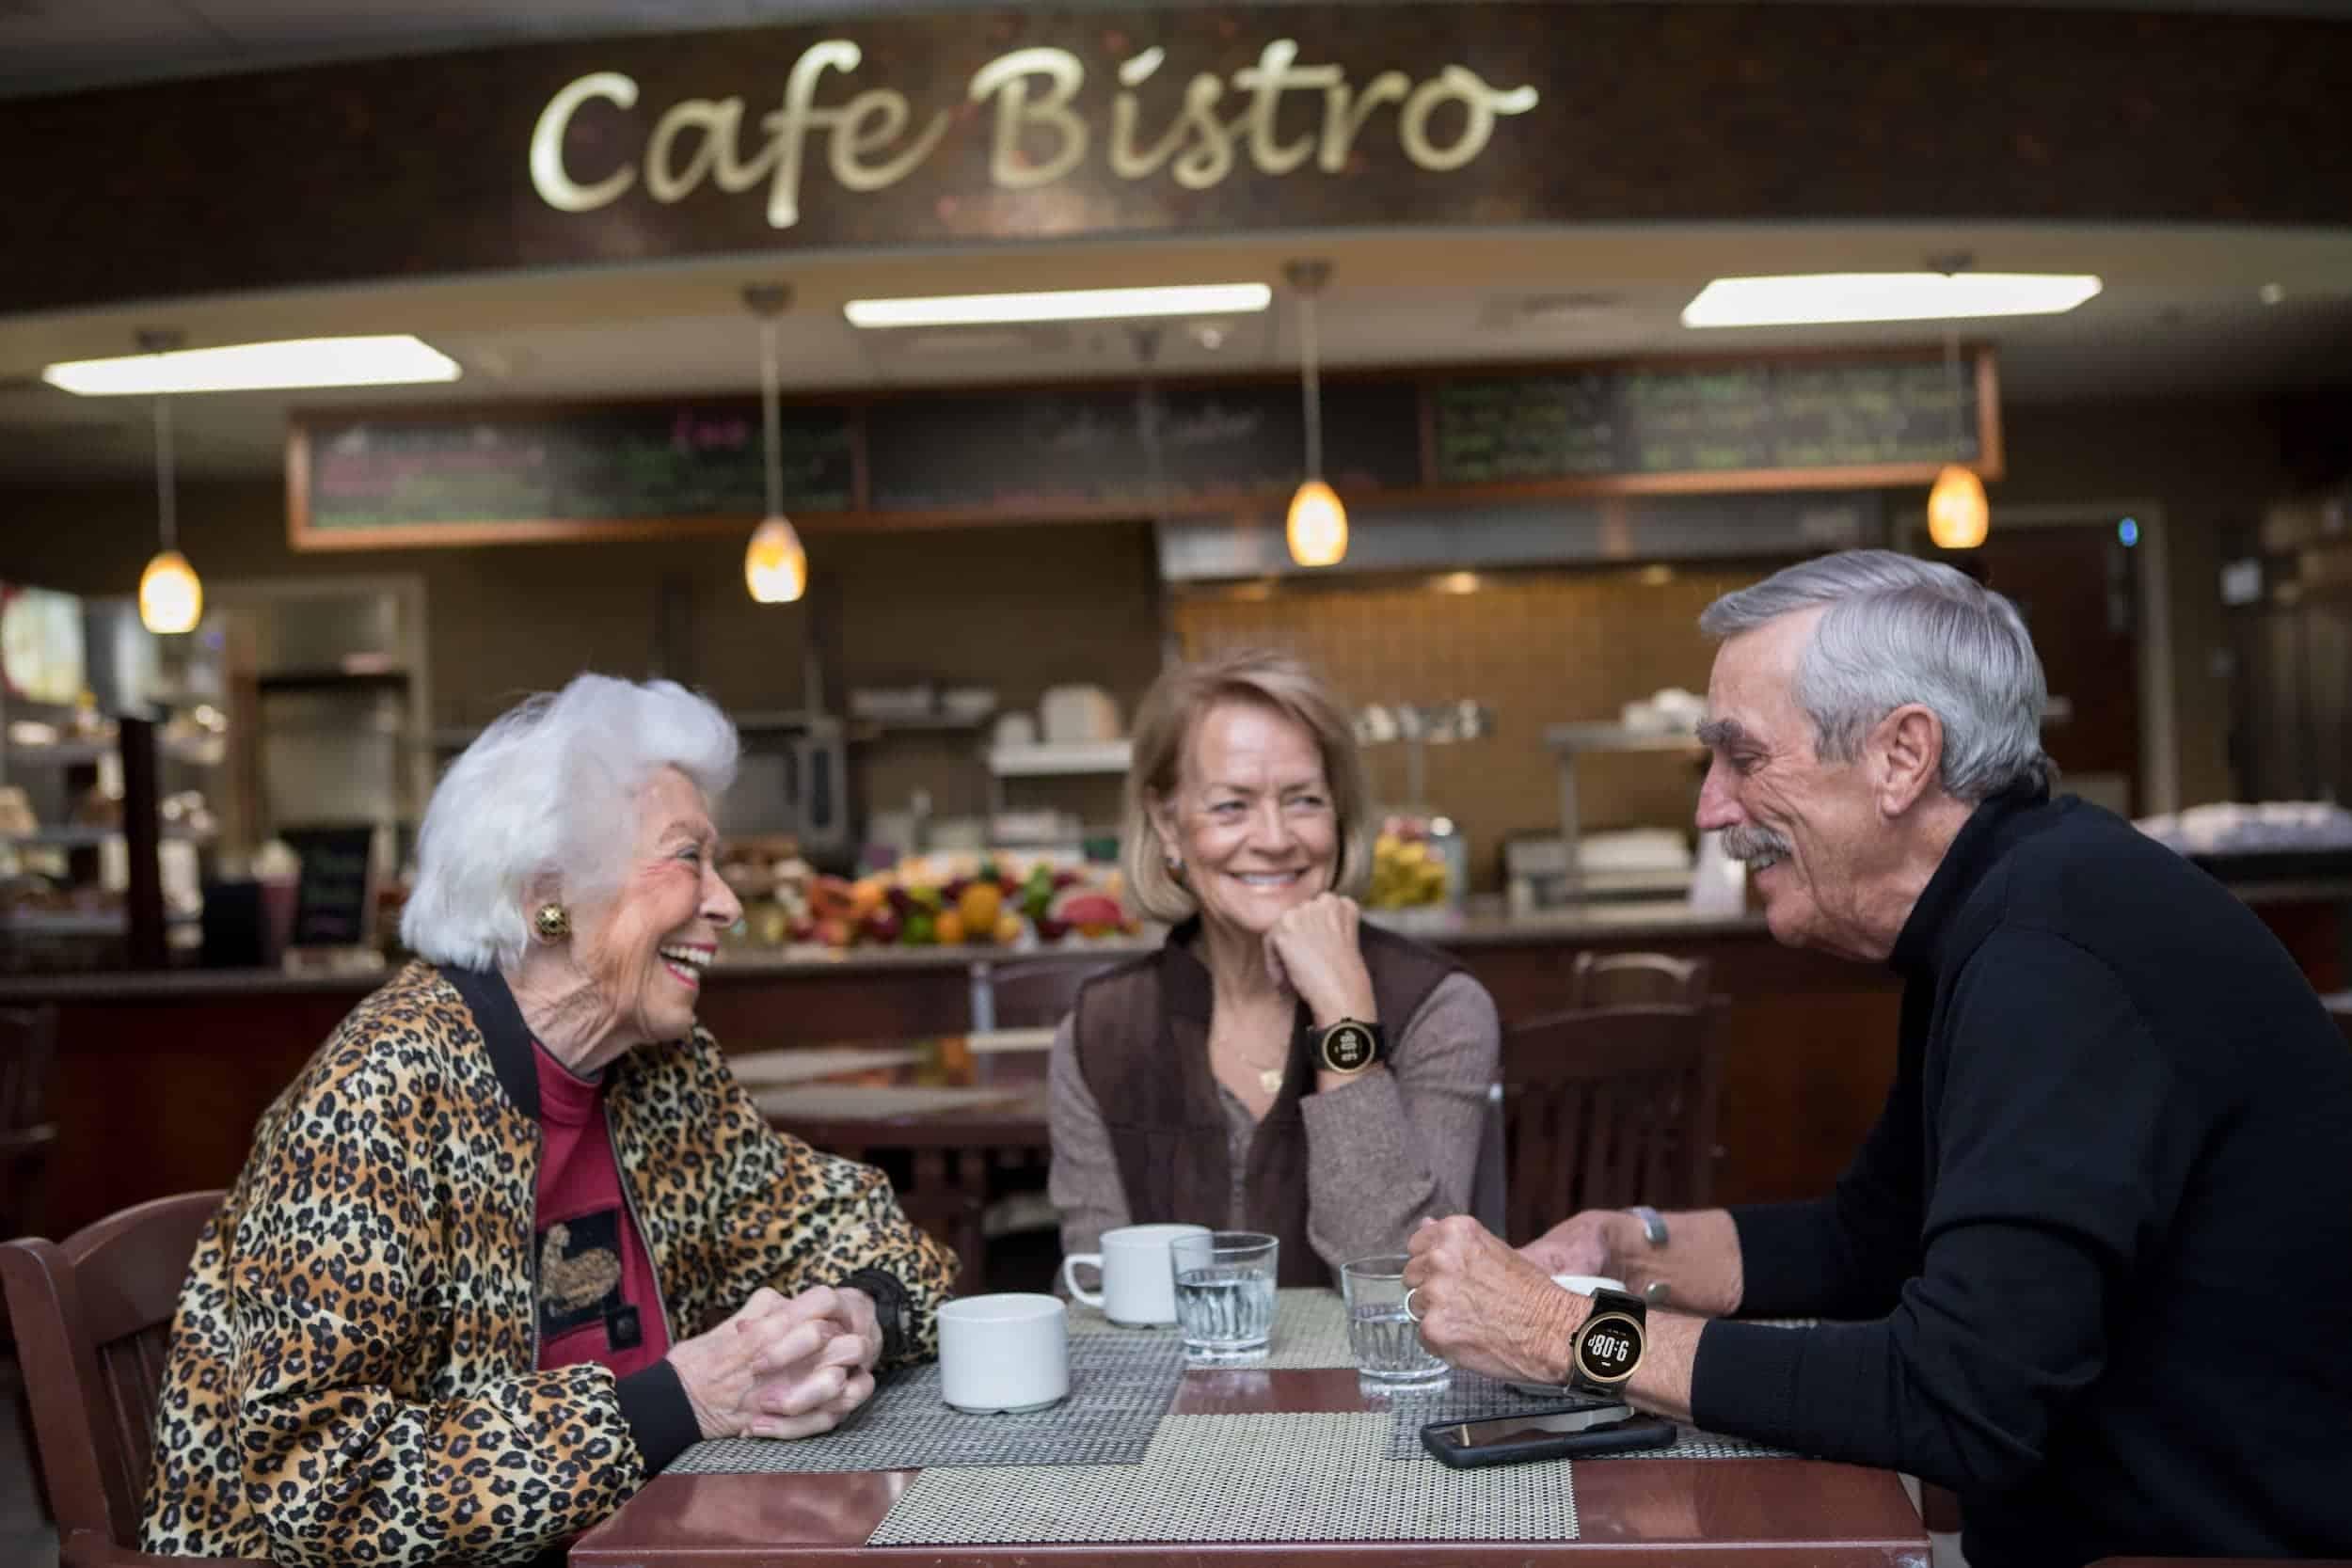 Group sitting in cafe, man wearing kanega watch